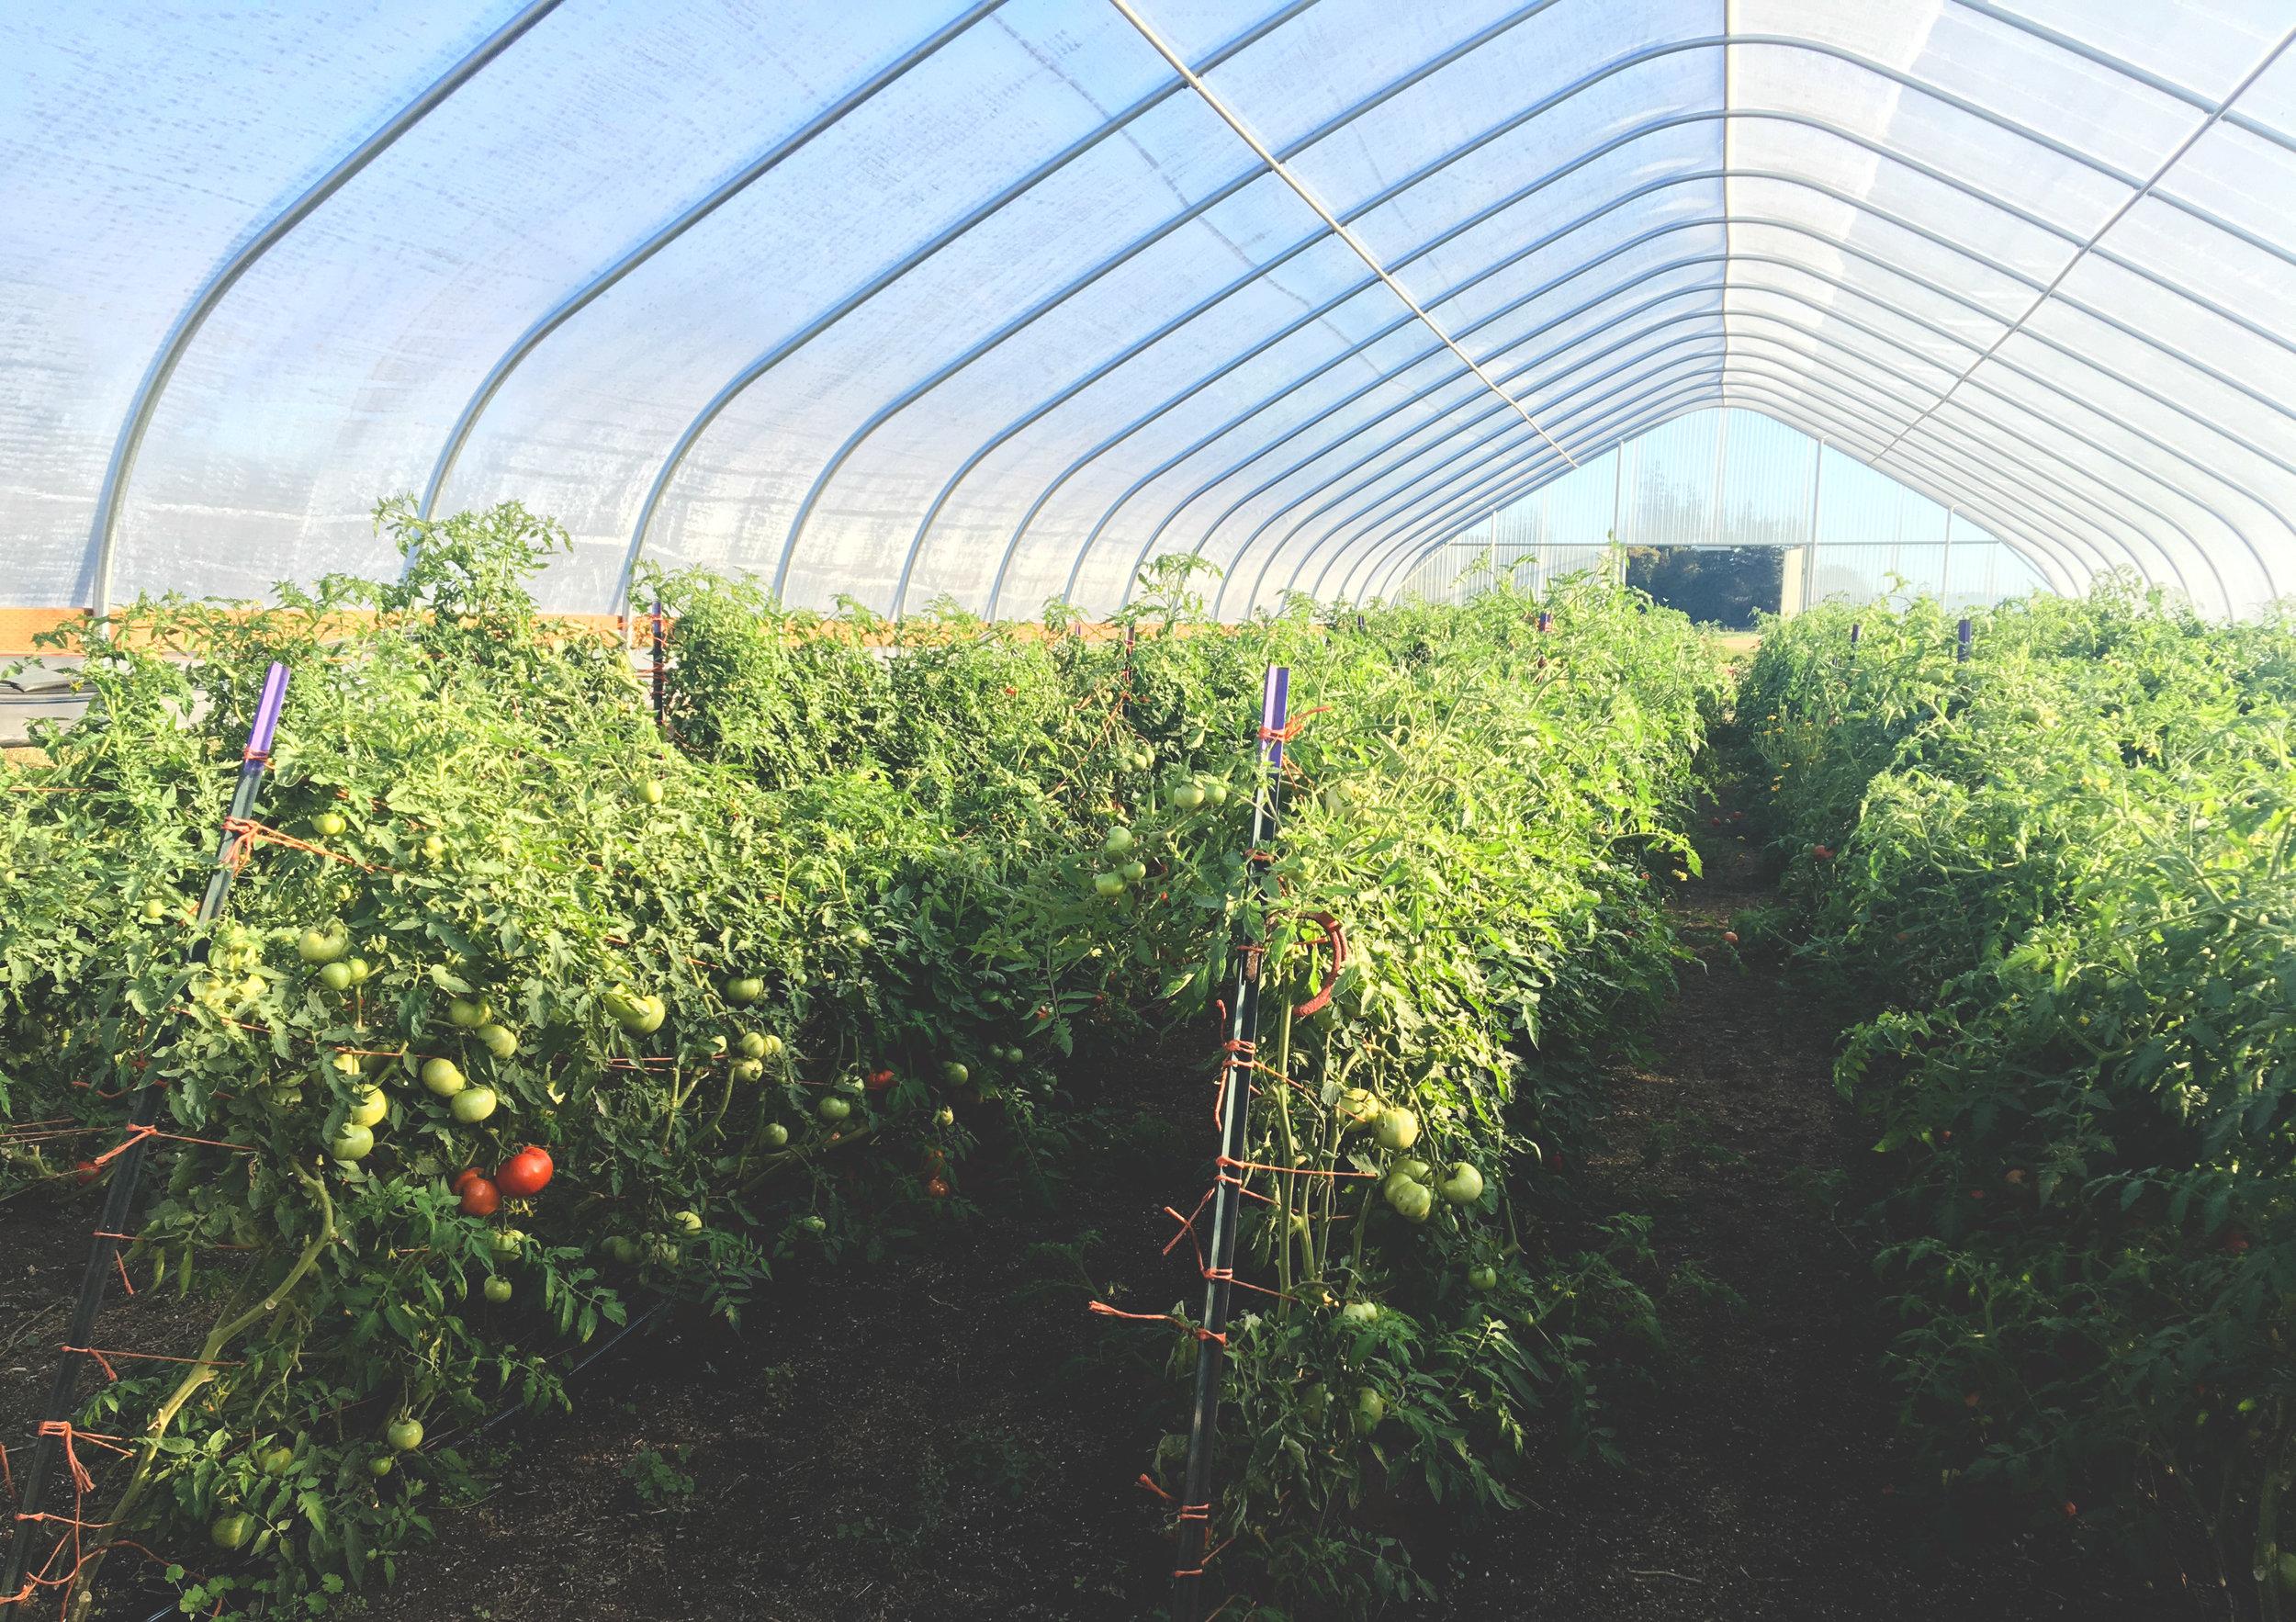 OSA Greenhouse_Seattle Urban Farm Co.